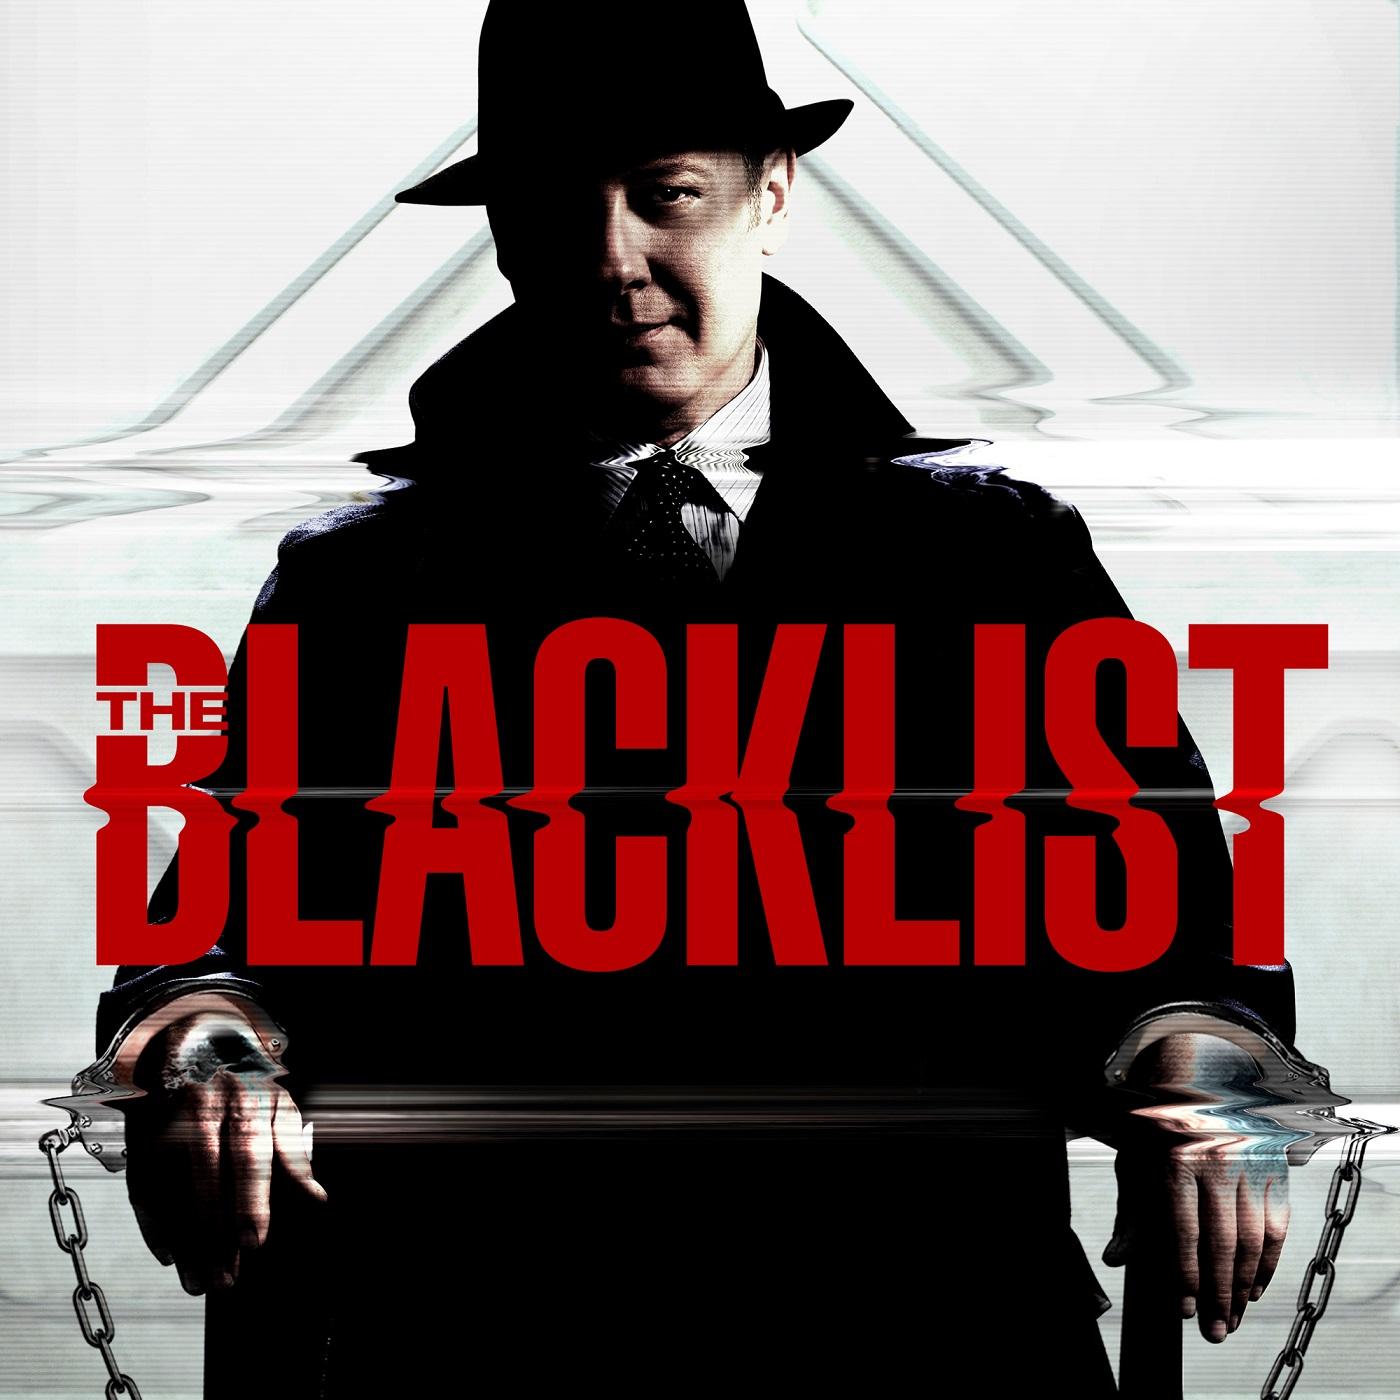 The Blacklist S03 720p 1080p WEB DL | S03E01-E08 Baeb